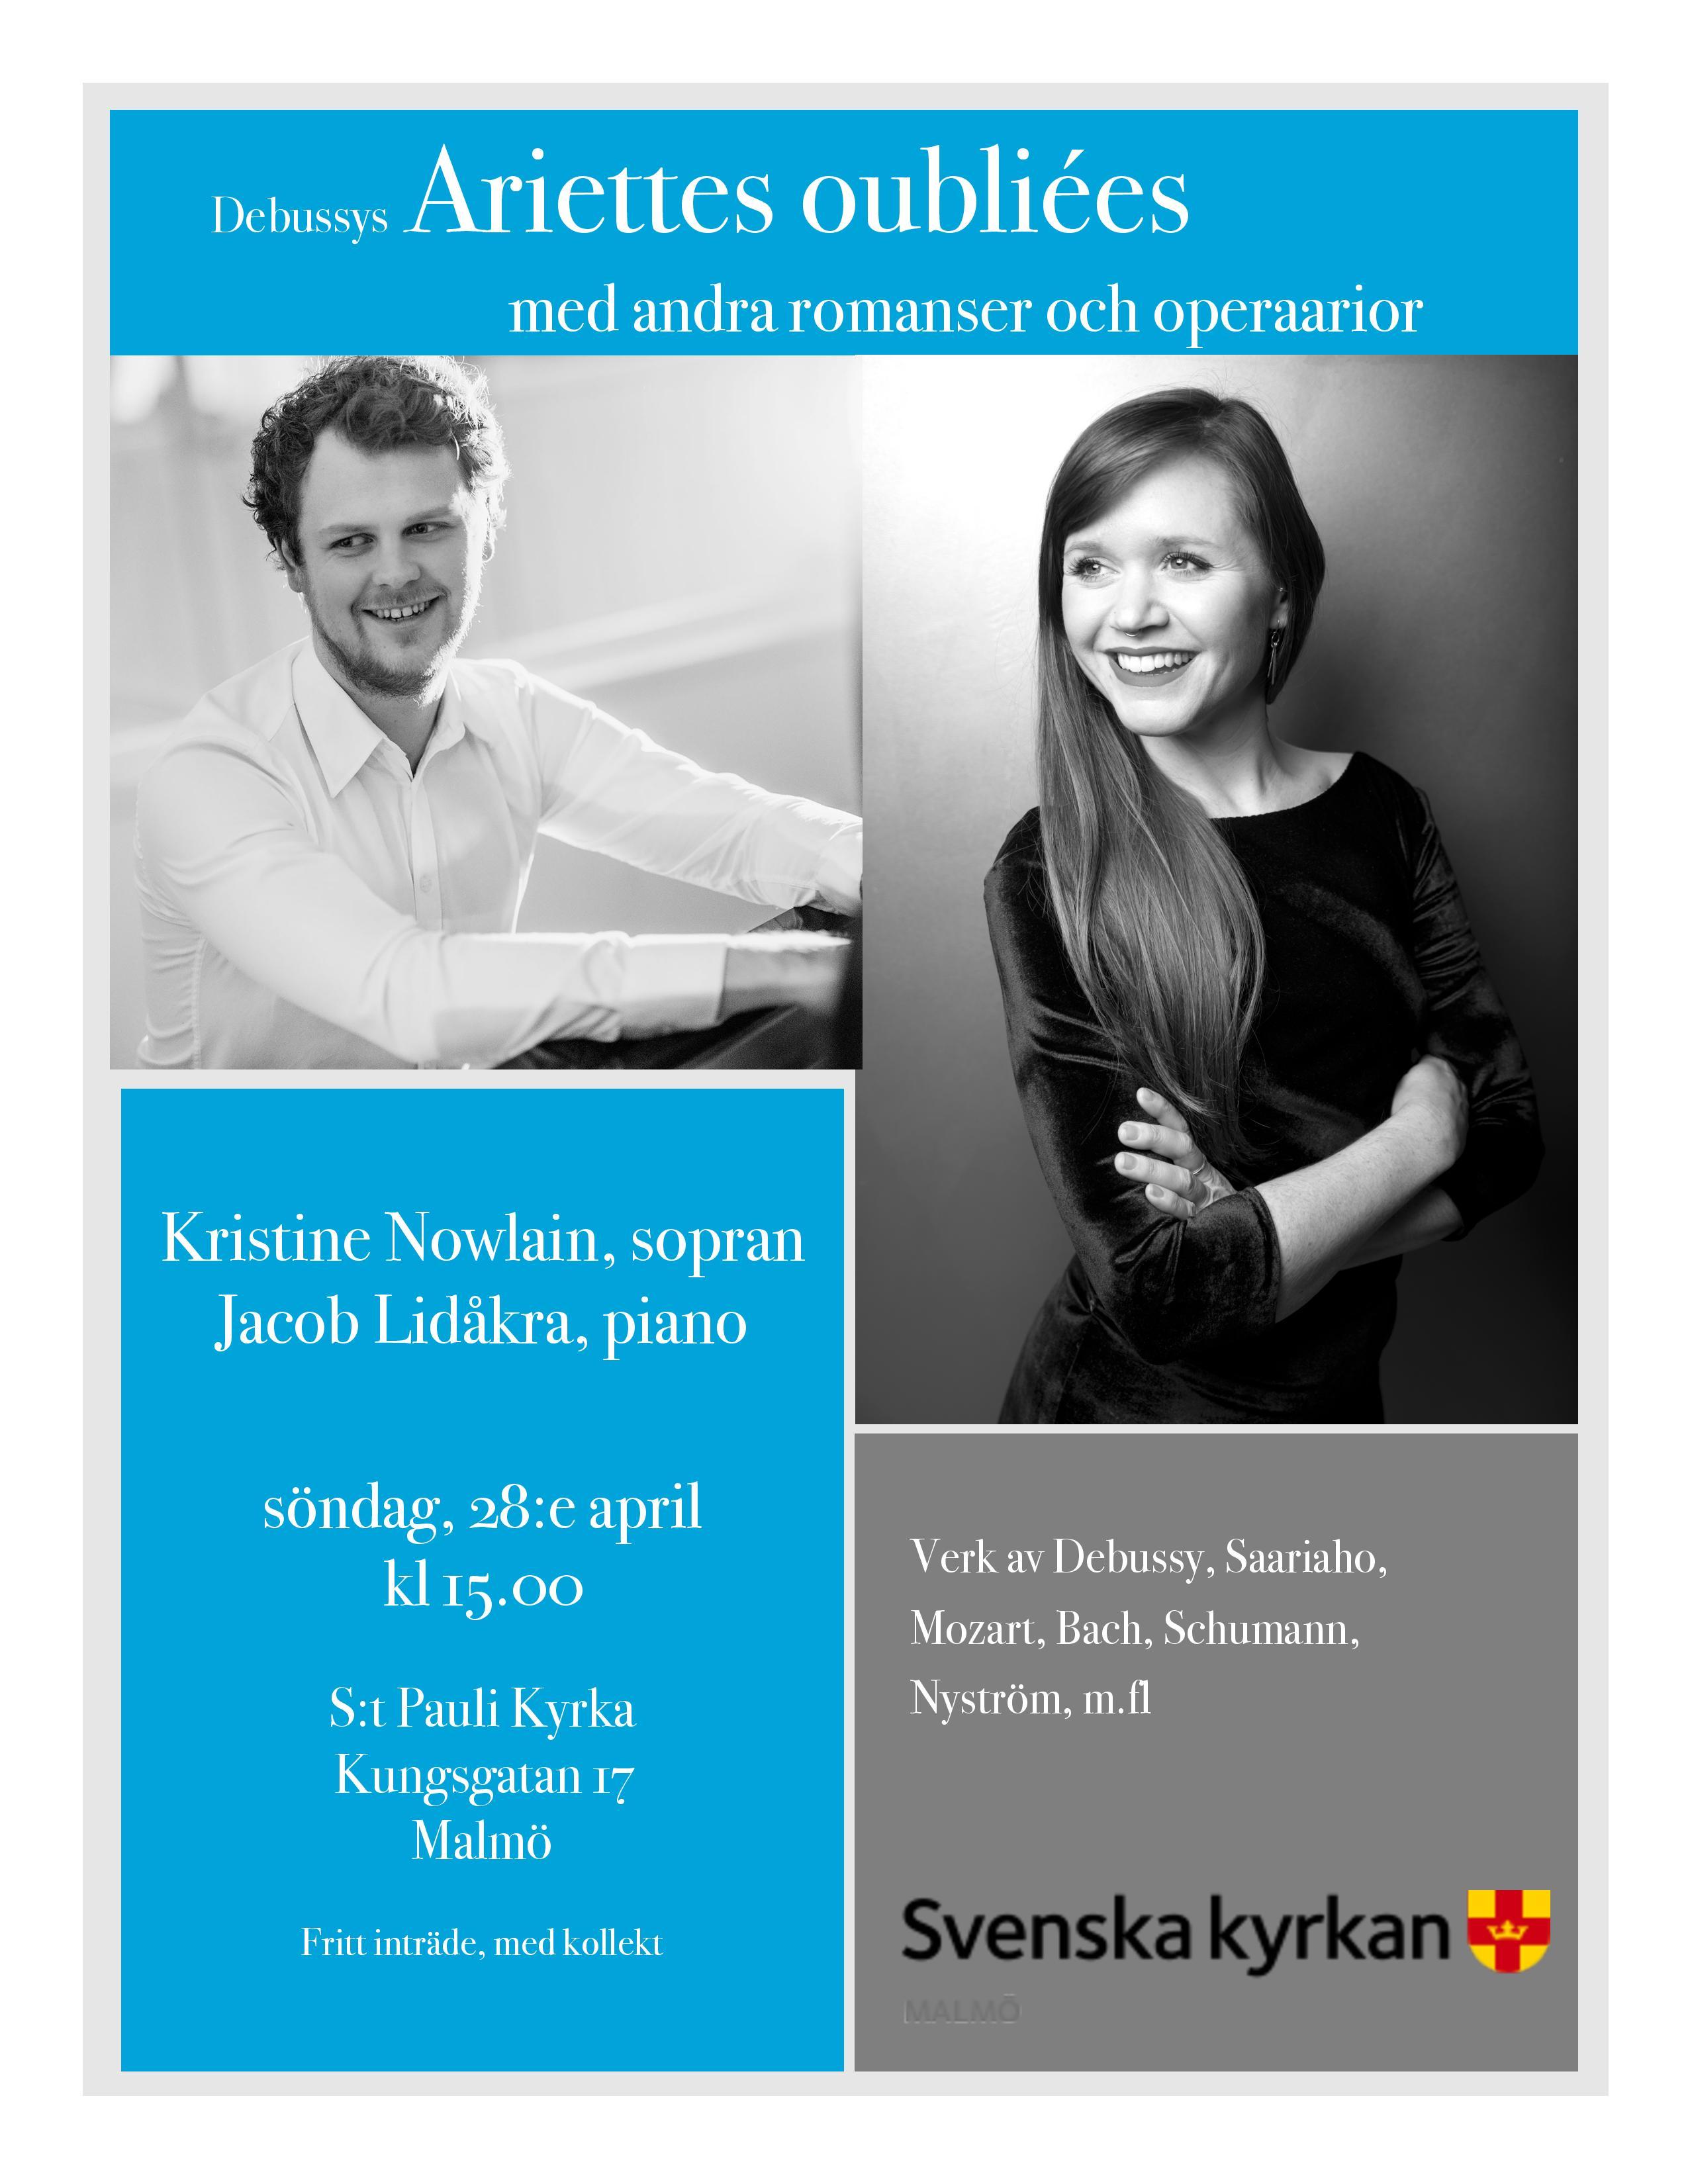 jpgAffisch - 28 april Pauli